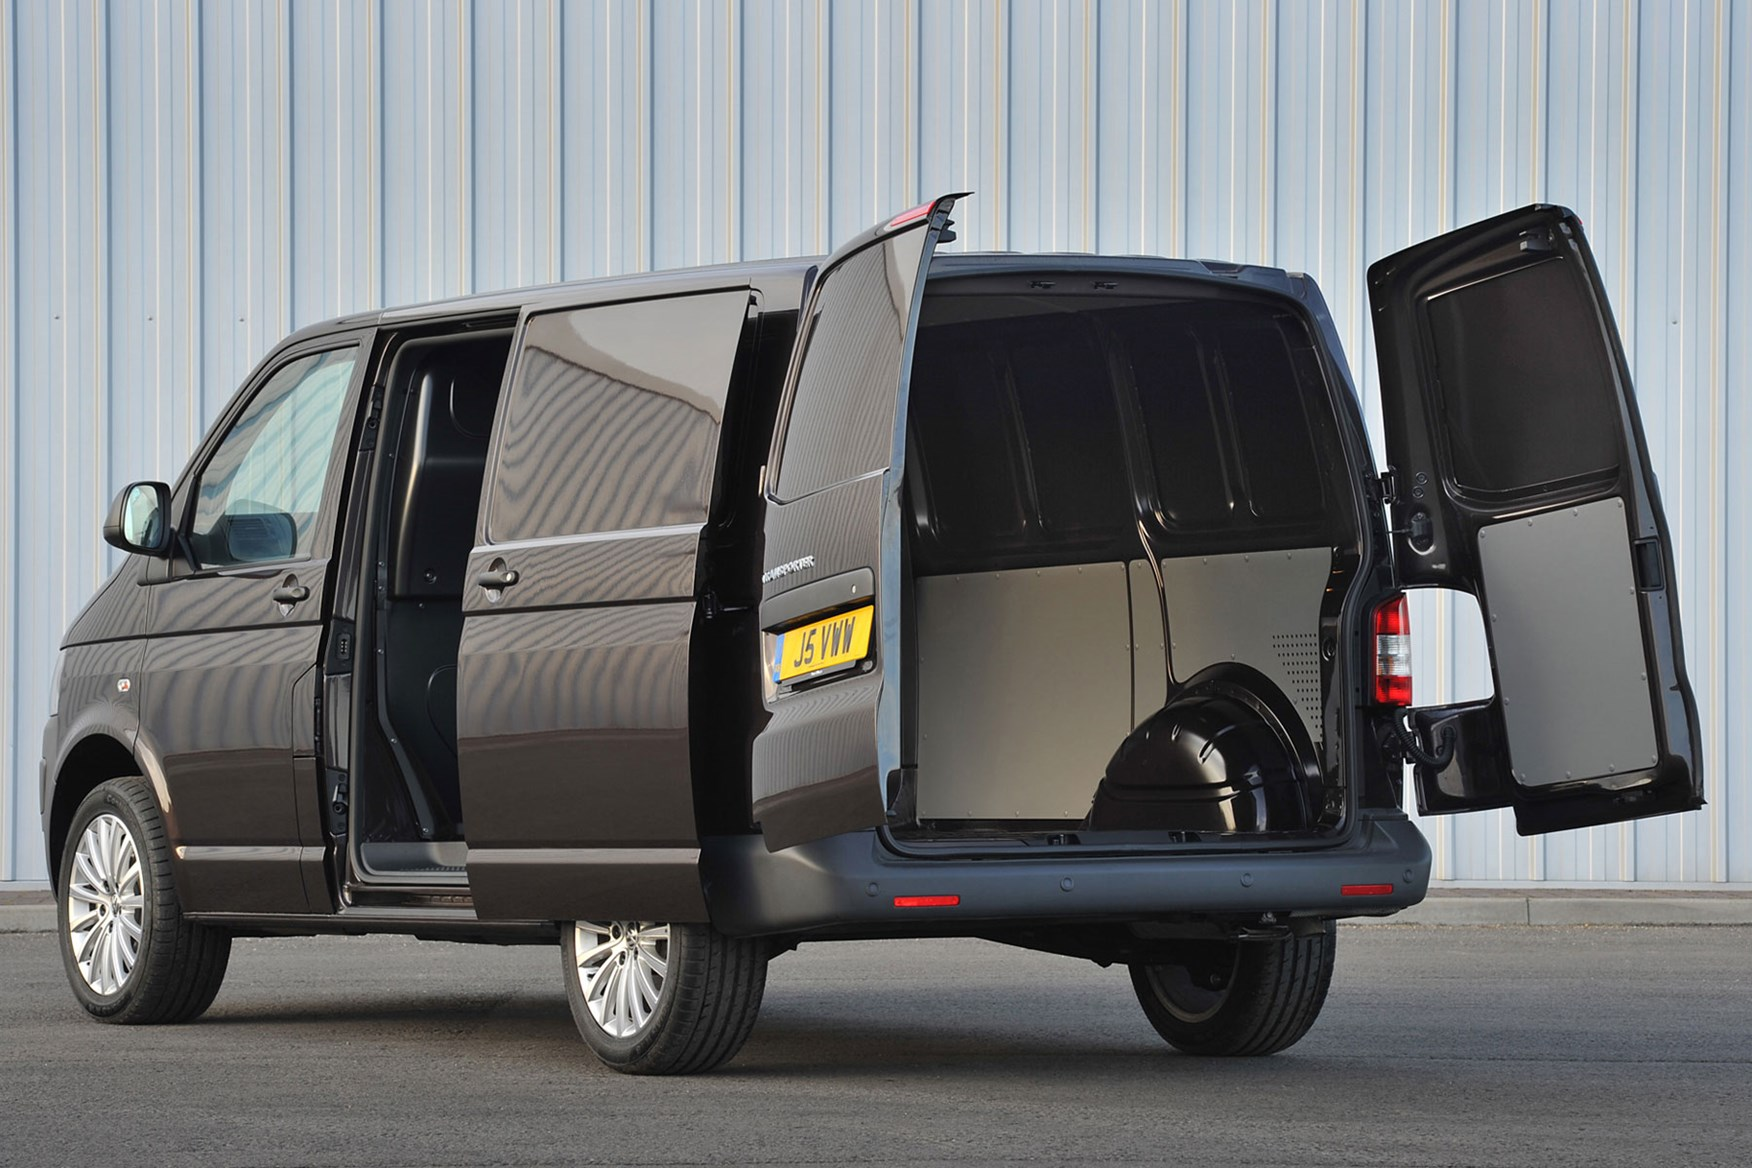 Volkswagen Transporter Van Dimensions 2010 2015